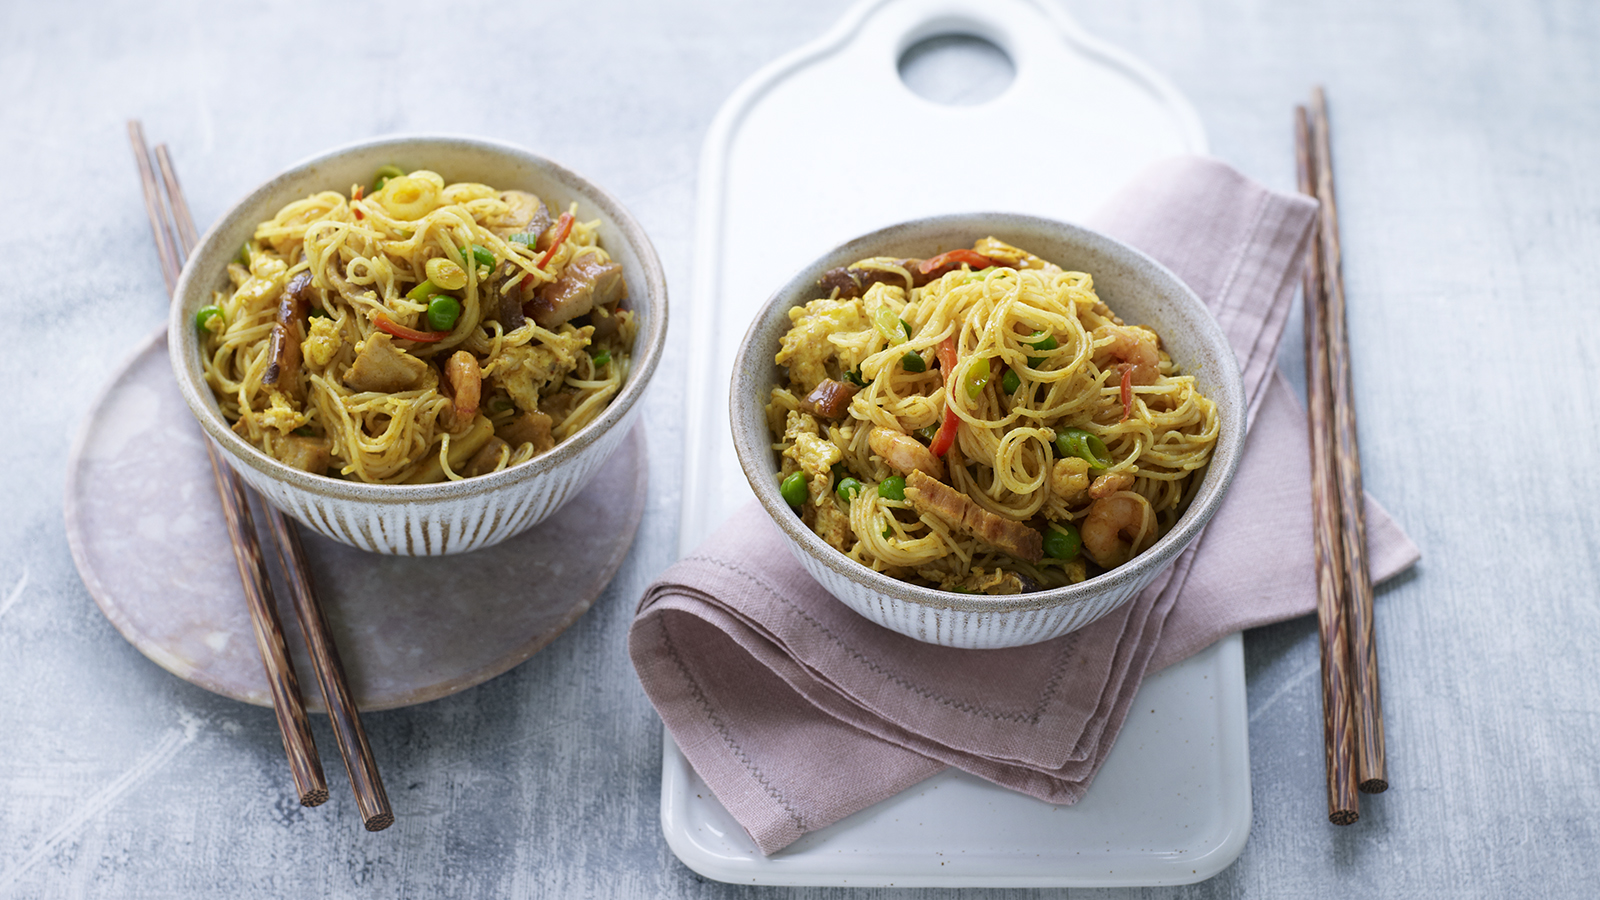 Ken Homs Singapore Noodles